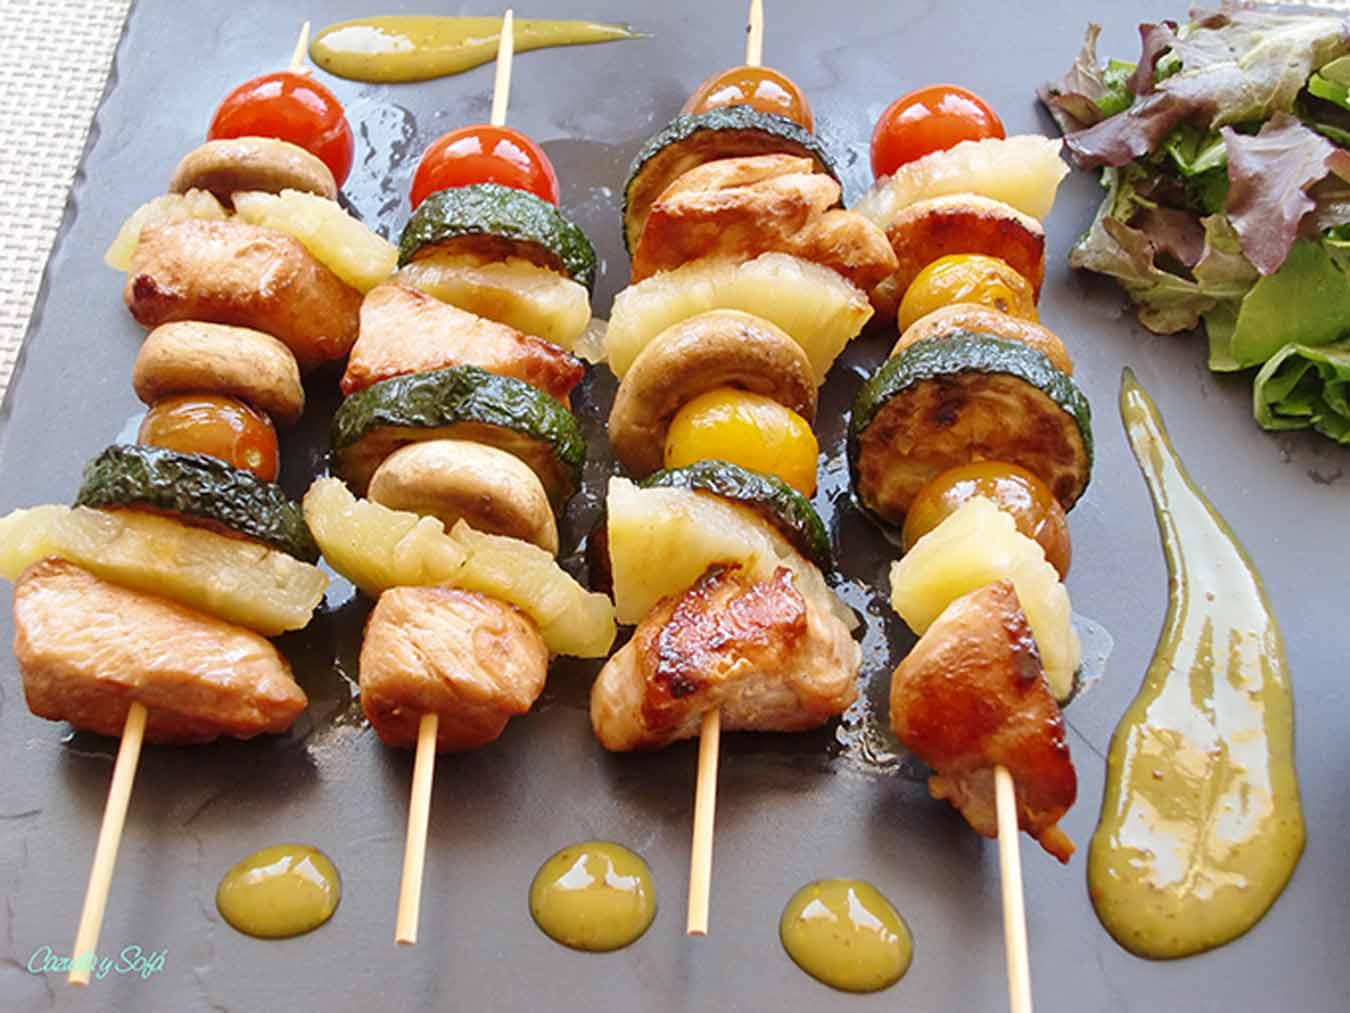 Brochetas-de-pollo-con-verduras-y- salsa-de-miel-y-mostaza